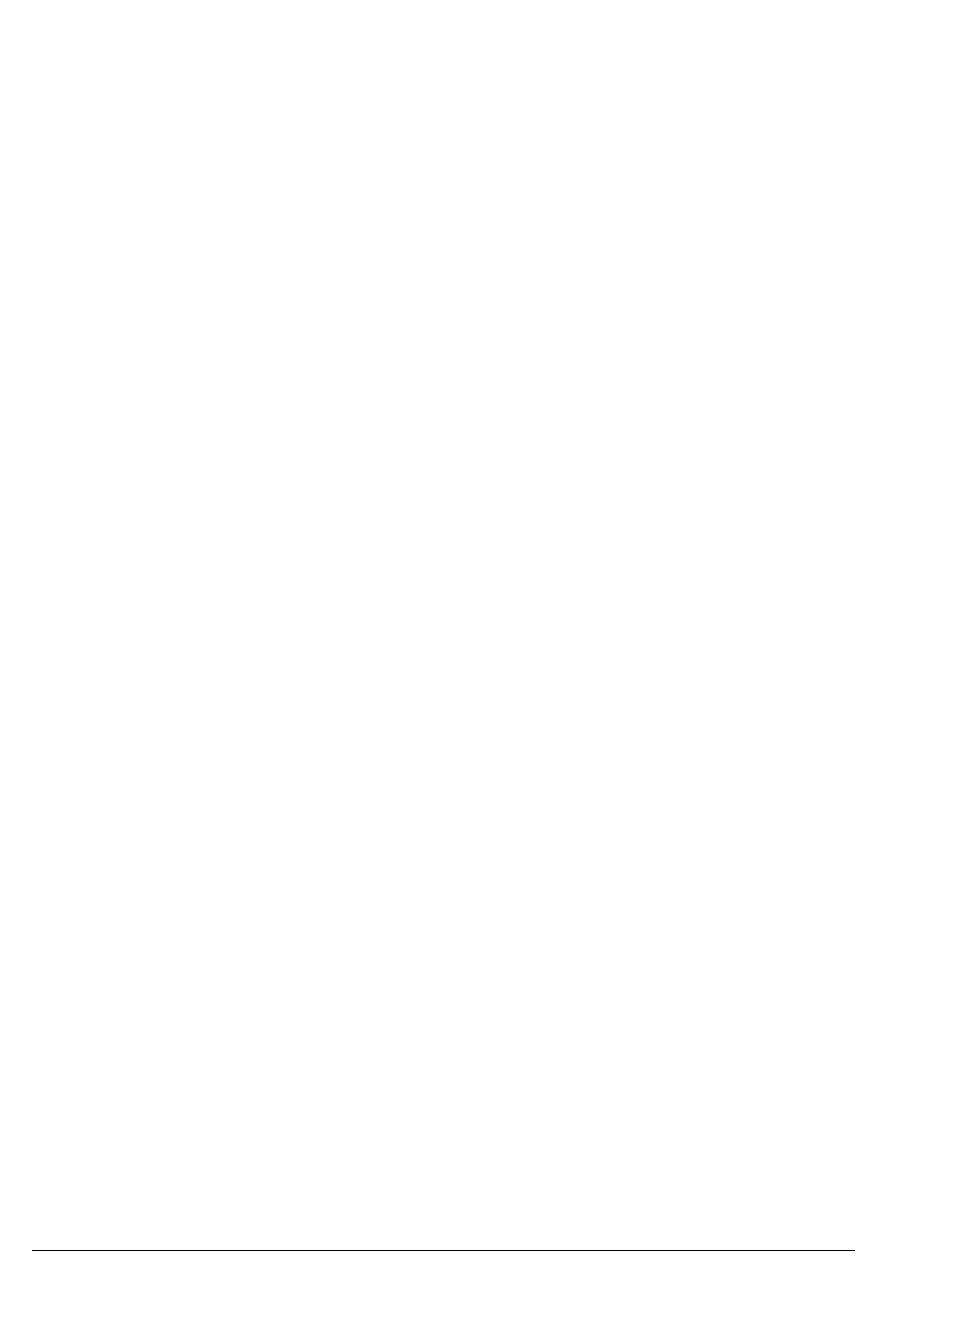 background - Схема подключения автосигнализации центурион